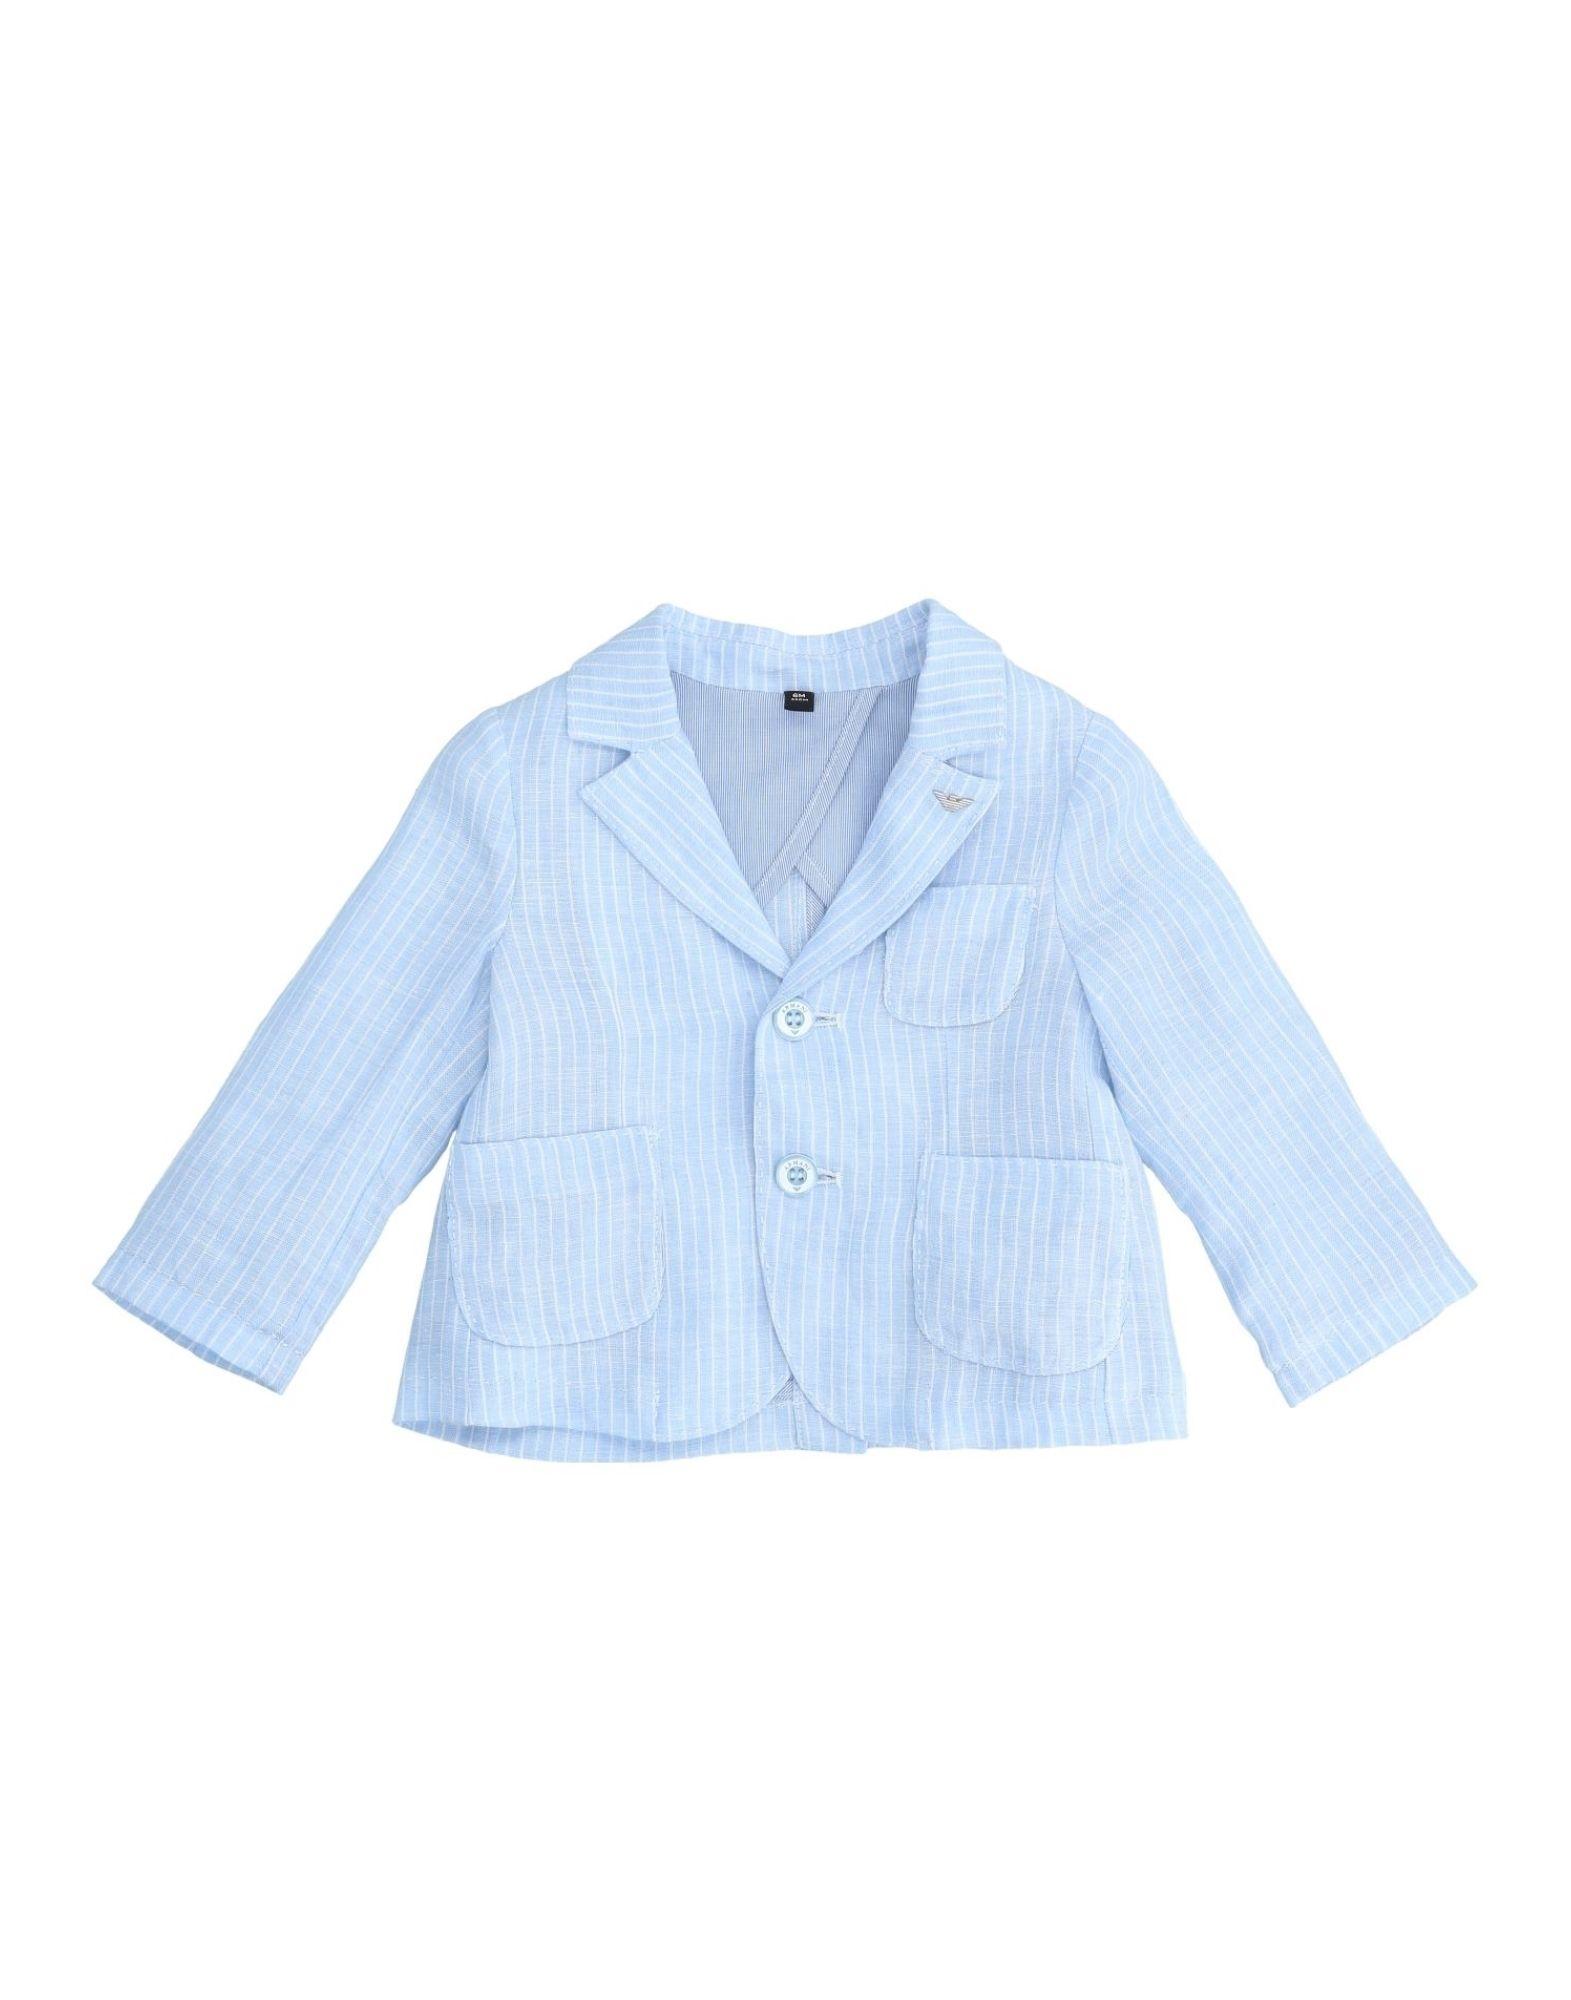 ARMANI JUNIOR Пиджак junior republic junior republic рубашка в мелкую полоску голубая